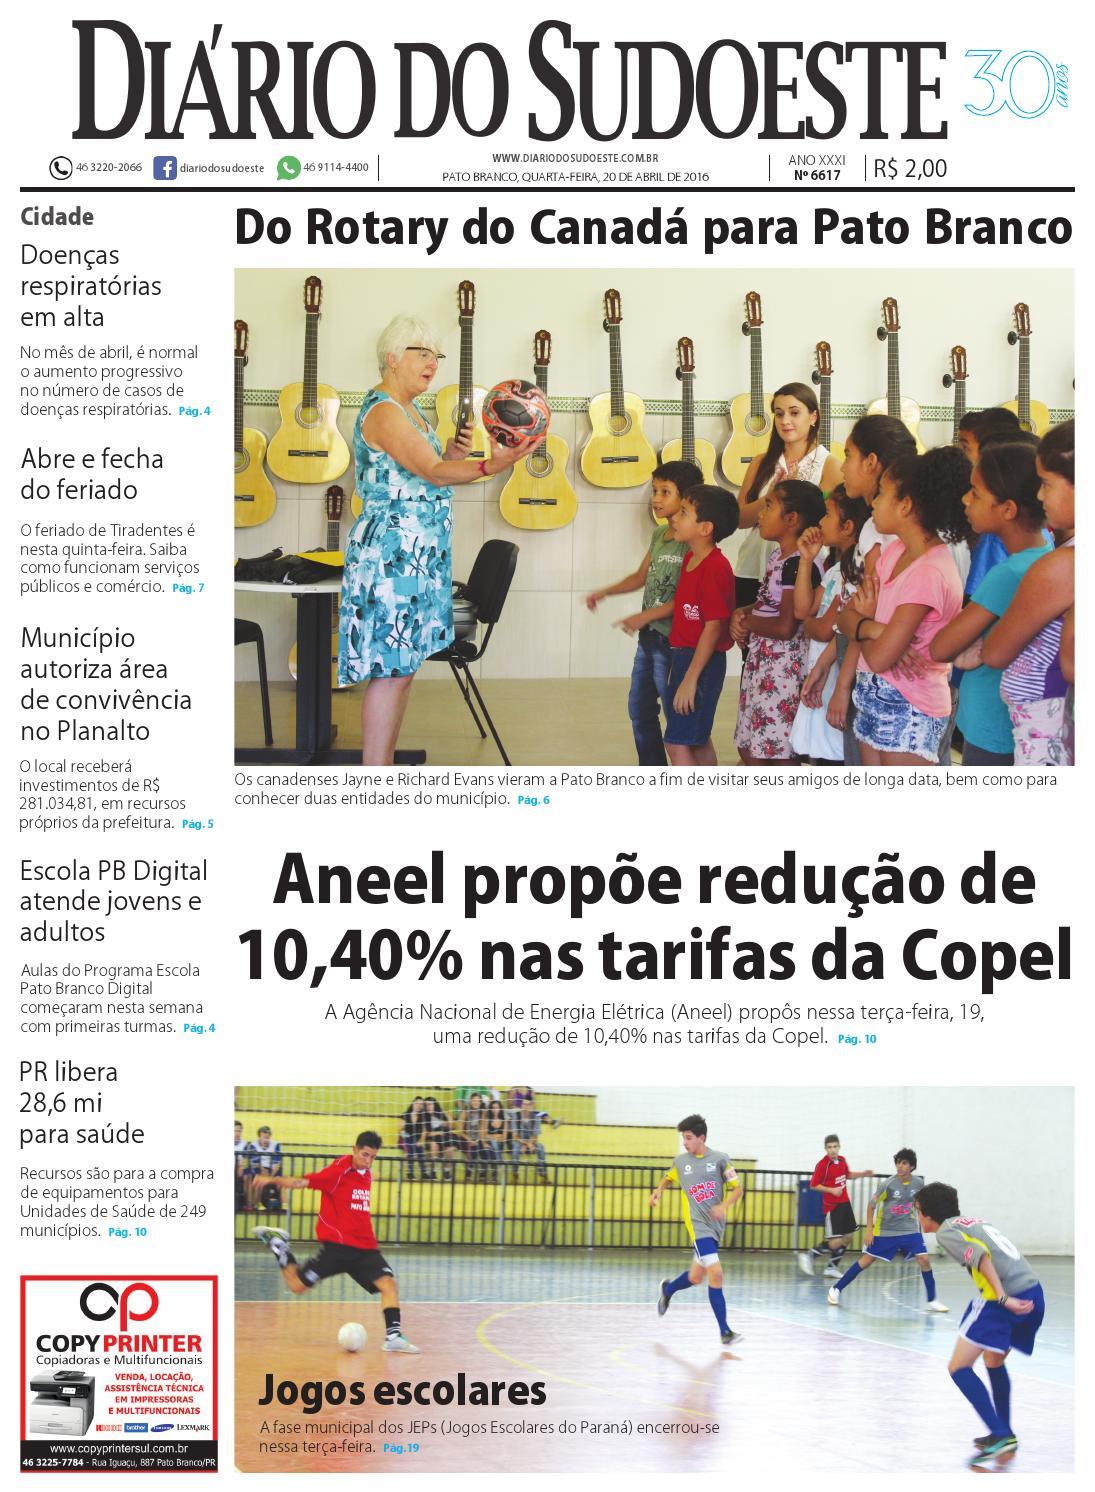 Diário do sudoeste 20 de abril de 2016 ed 6617 by Diário do Sudoeste - issuu 08c8d8dce4337